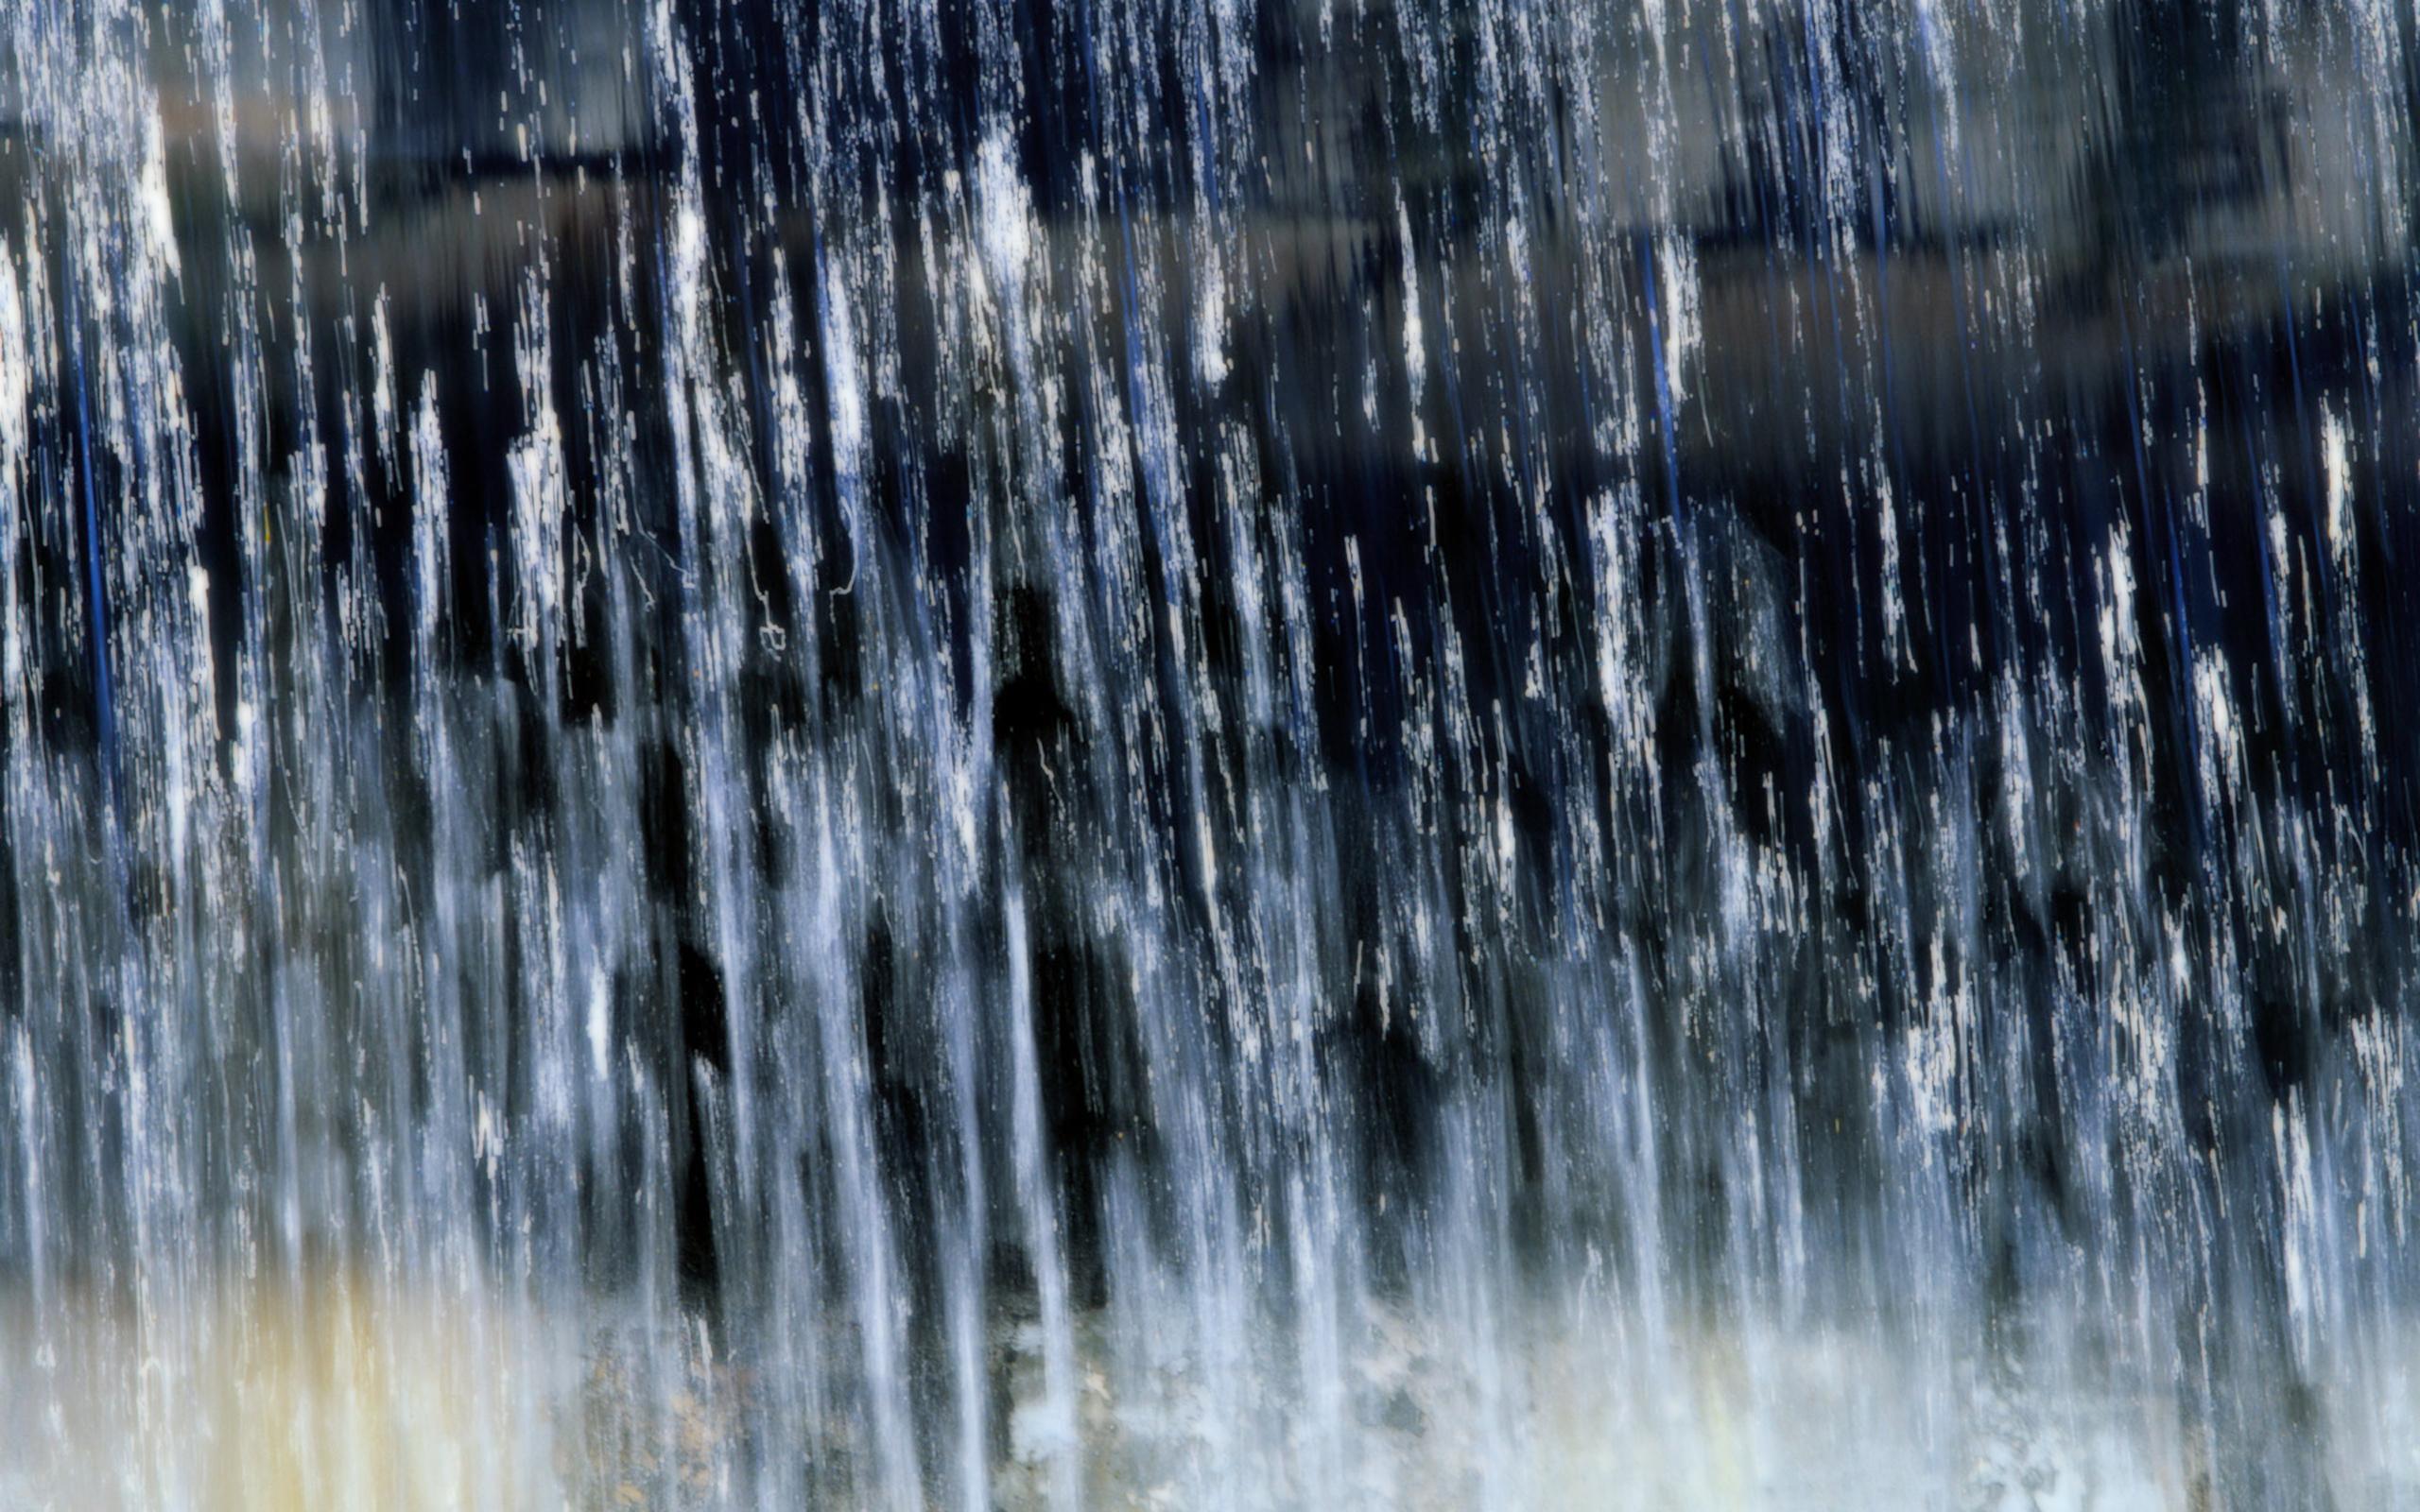 Дождь Обои Бесплатно